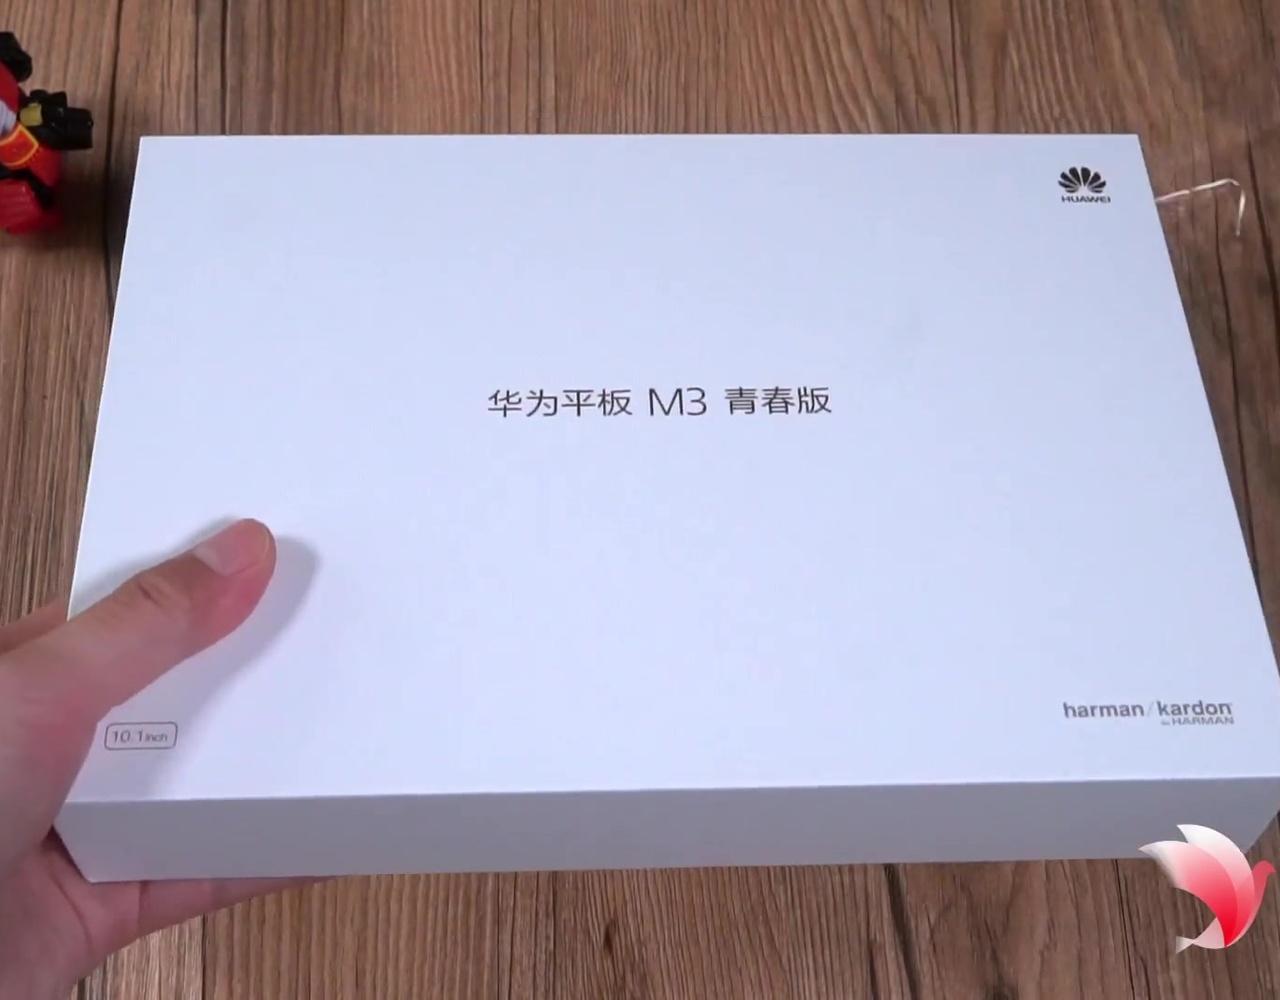 《青春起航 华为平板M3青春版开箱》 - 36bd.net